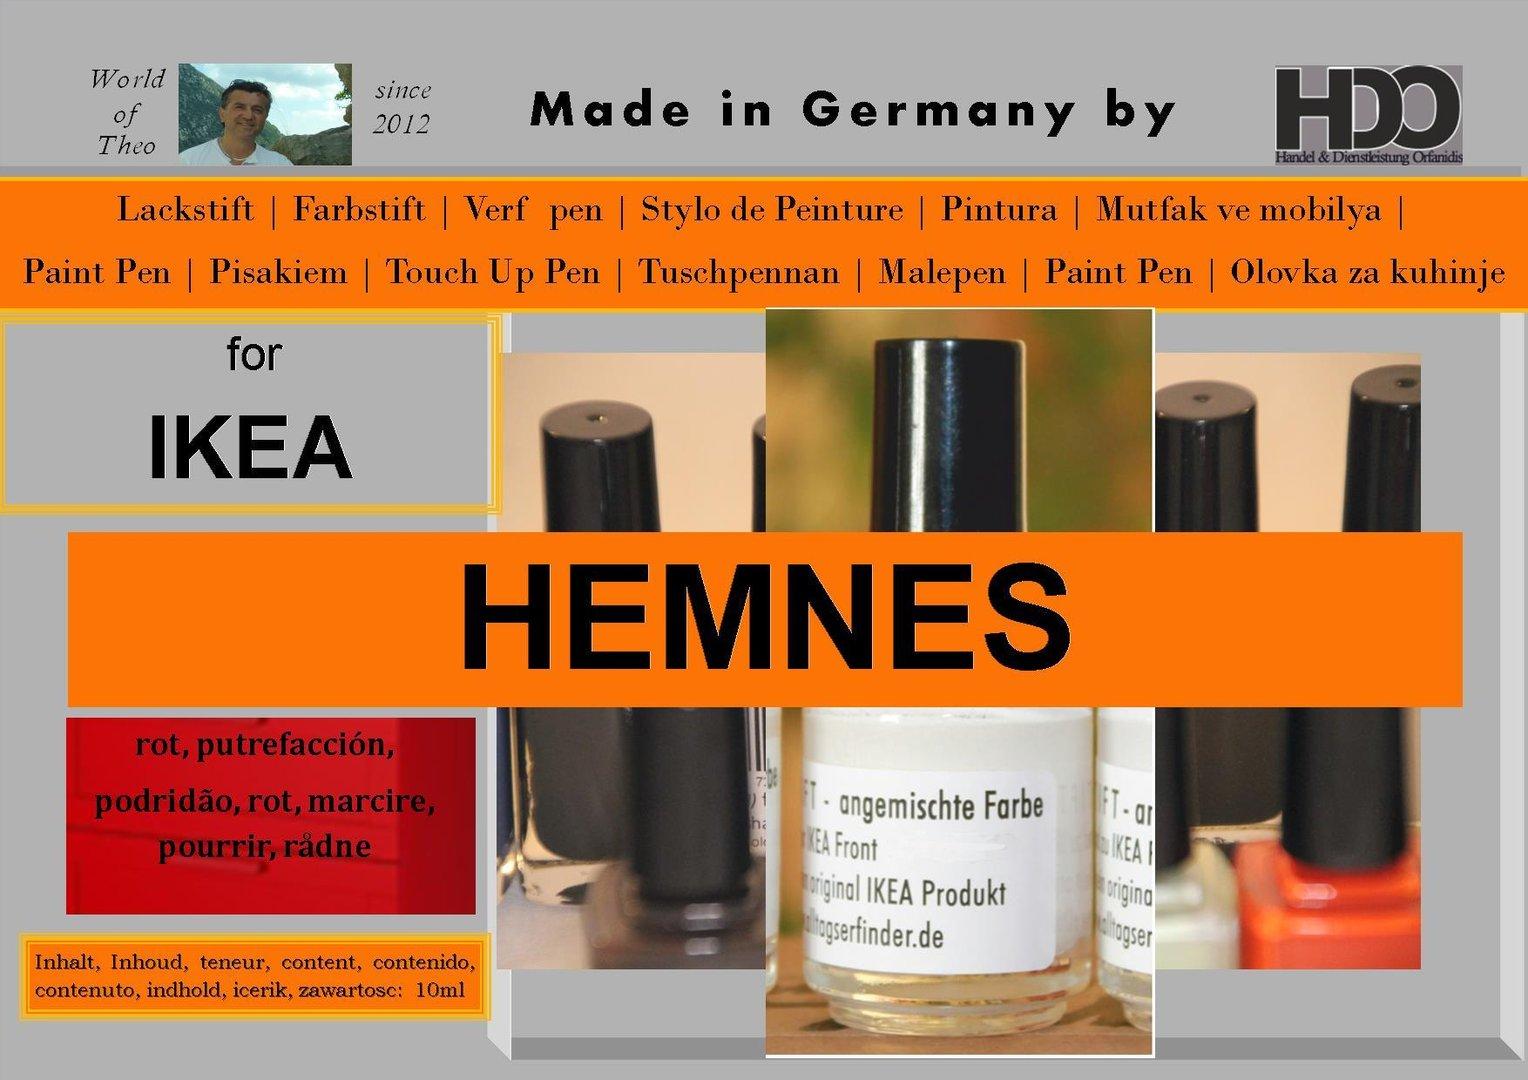 lackstift farbstift f r ikea hemnes rot q pen original. Black Bedroom Furniture Sets. Home Design Ideas